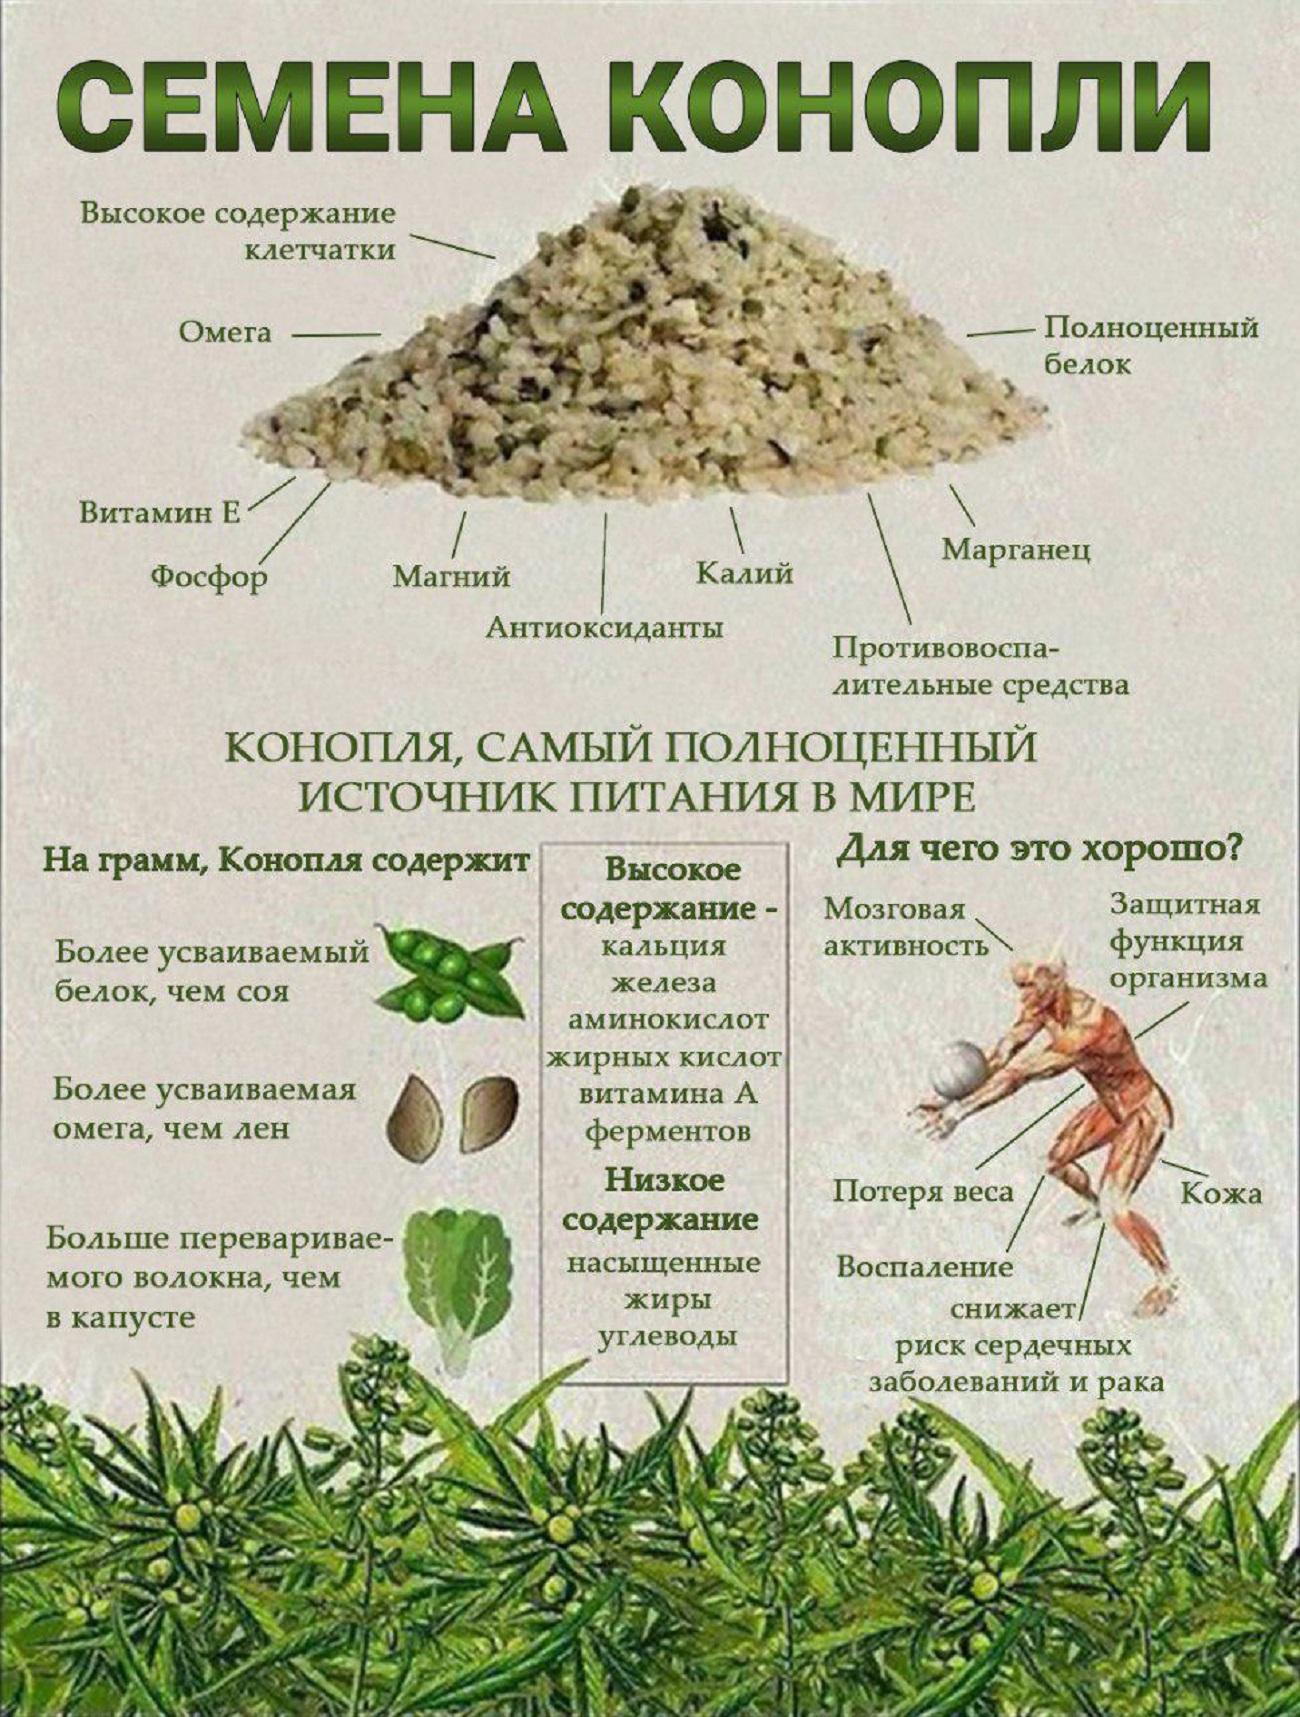 Конопля семена полезность семена гидропоники купить украина